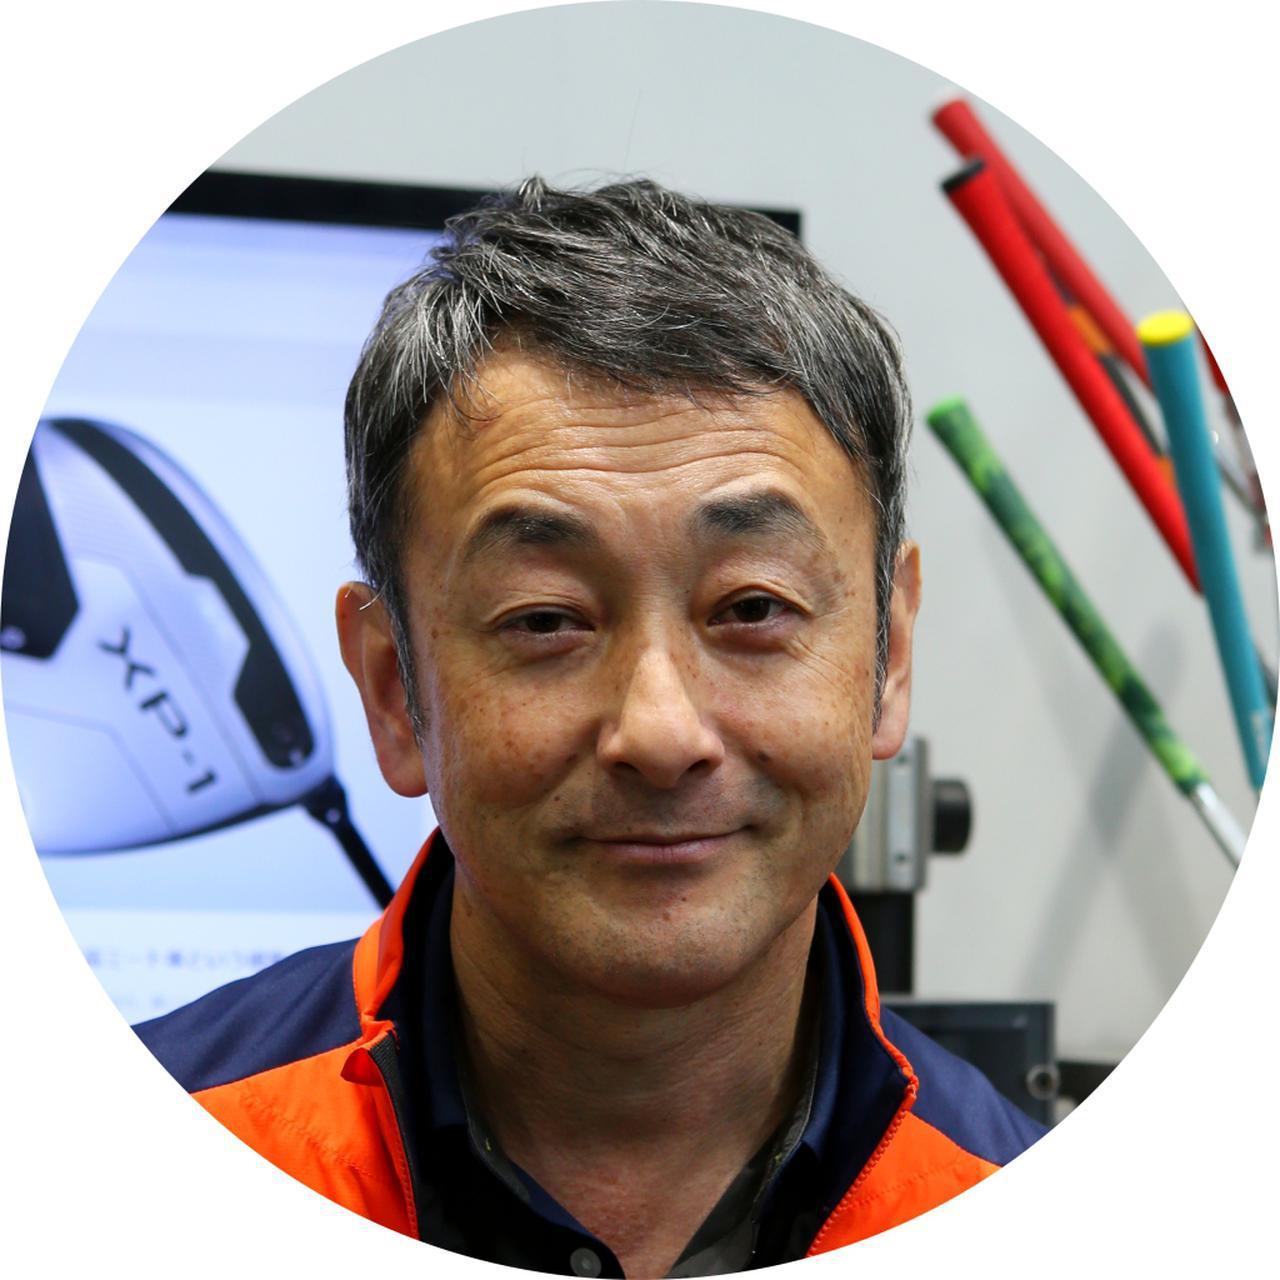 画像: 平野義裕さん 東京のスウィング碑文谷内にある「クールクラブス」のフィッター。日頃から数多くのクラブを試打